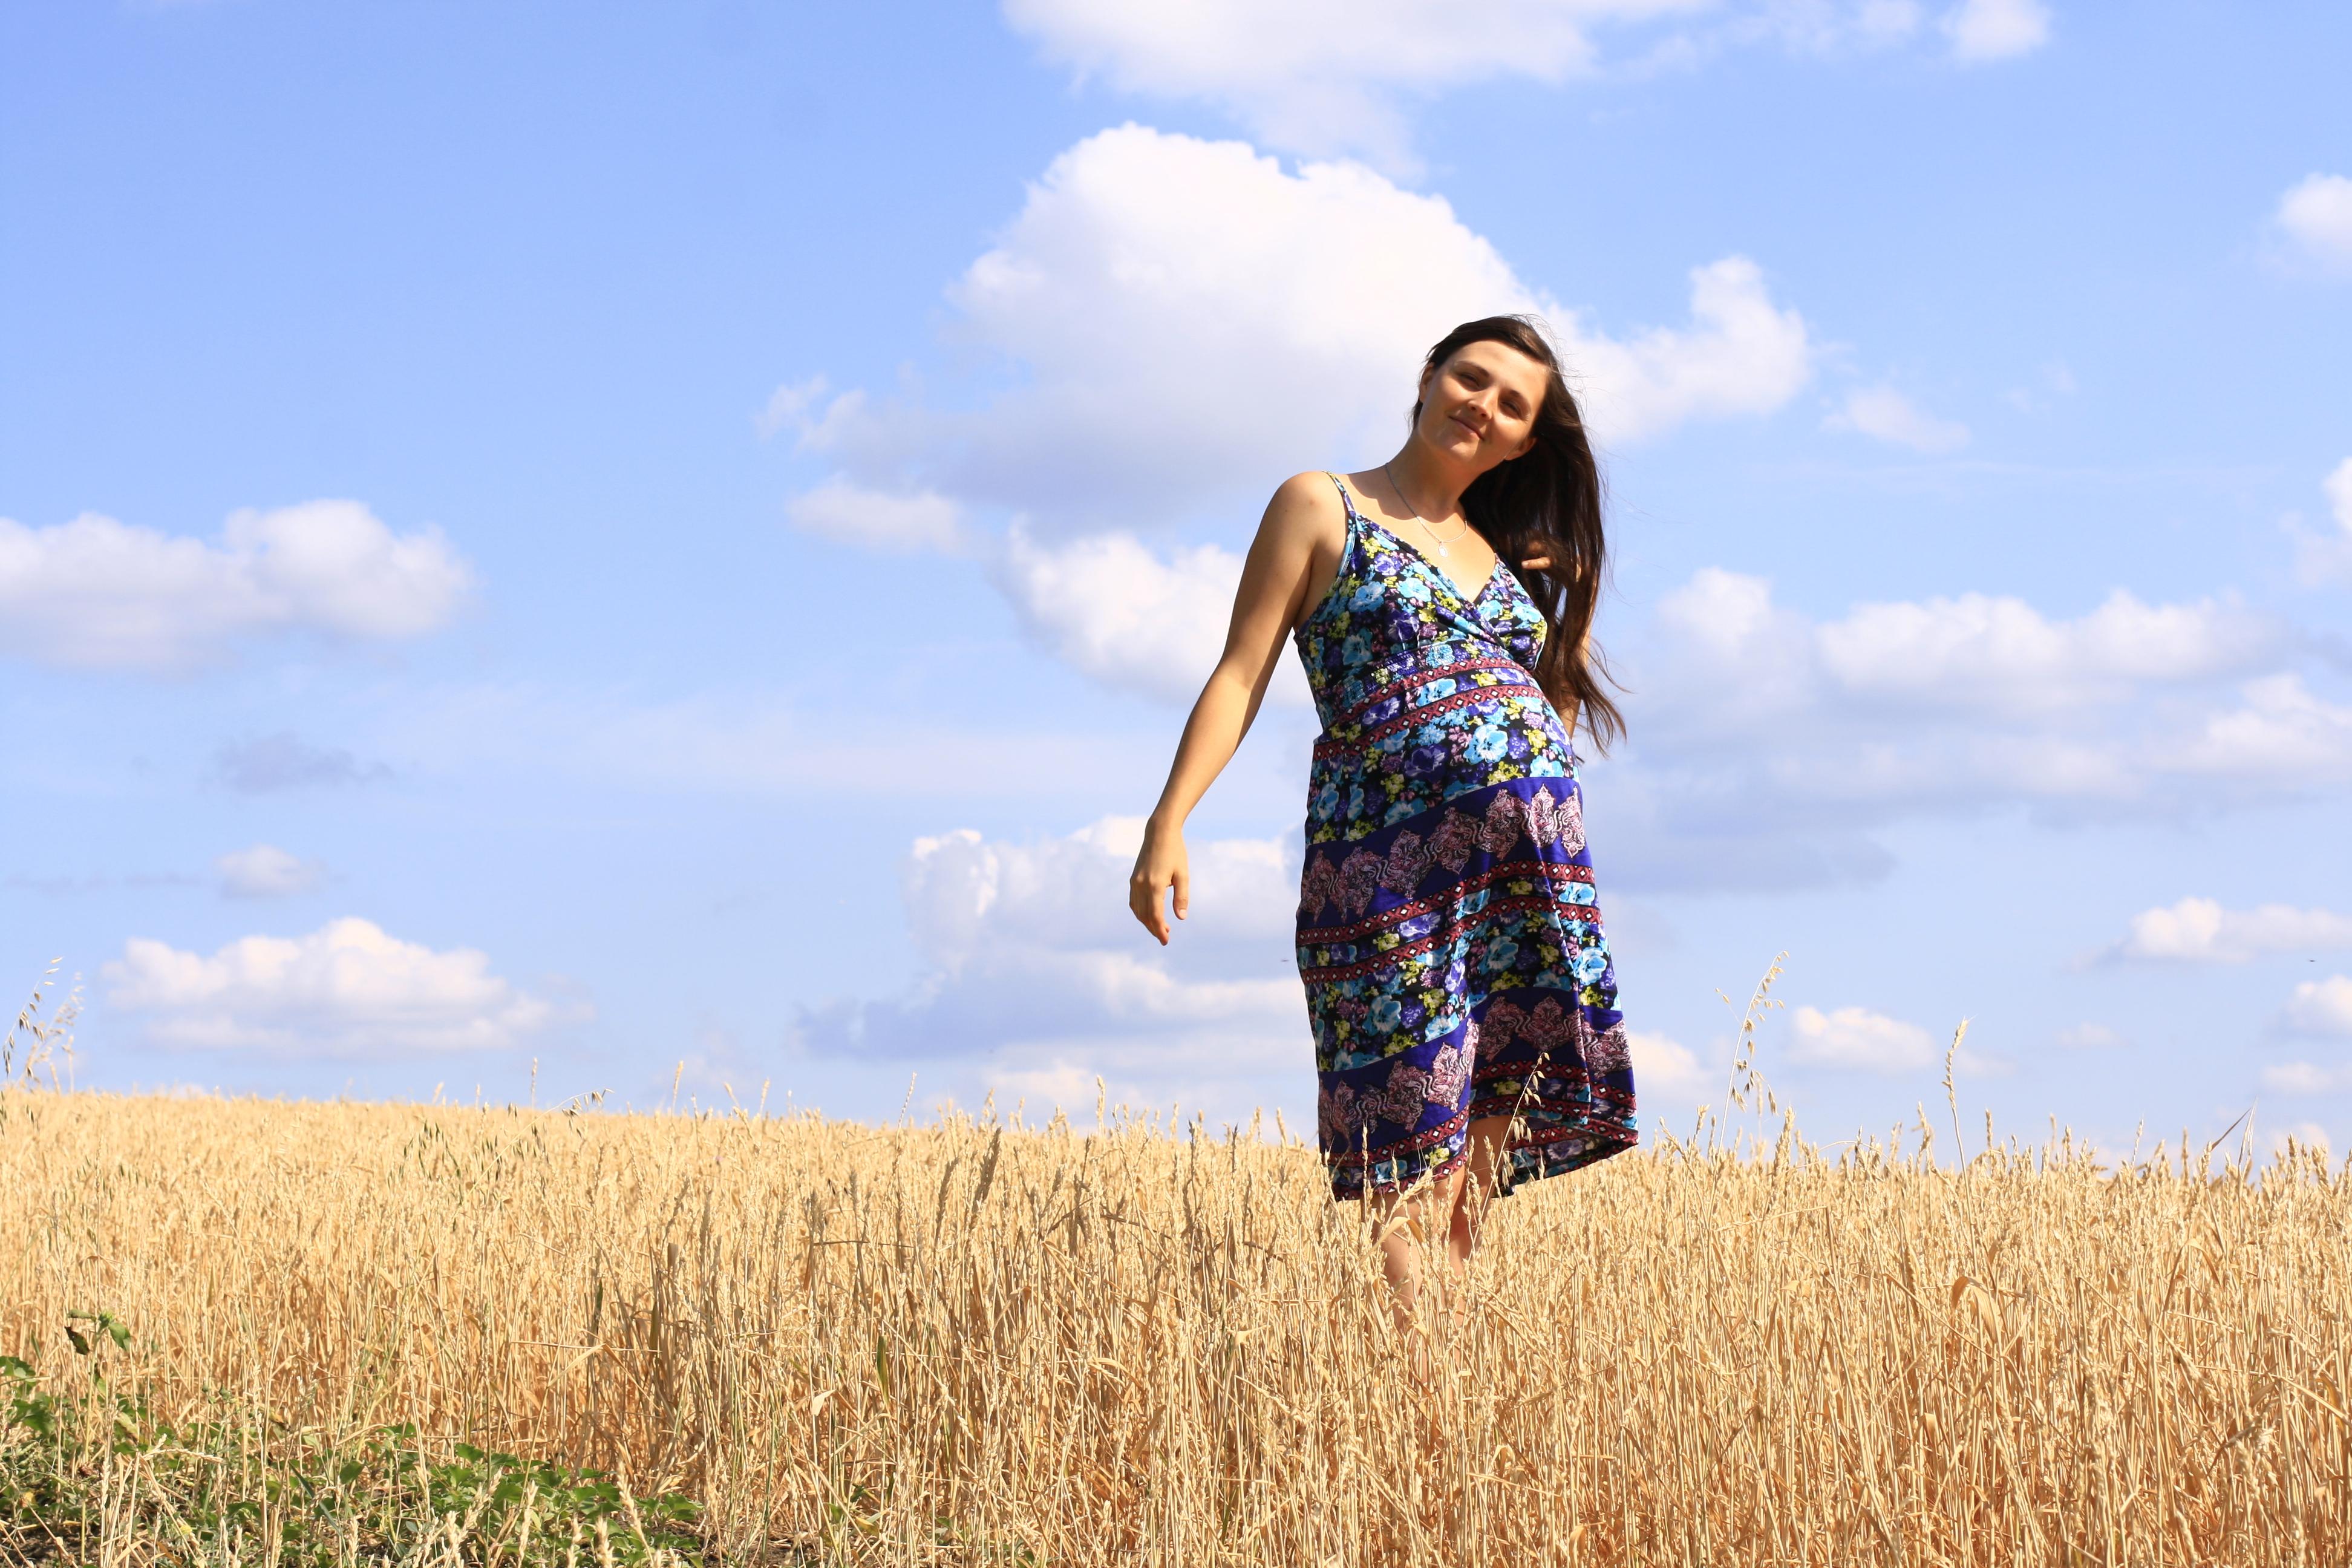 беременная в пшеничном поле на природе